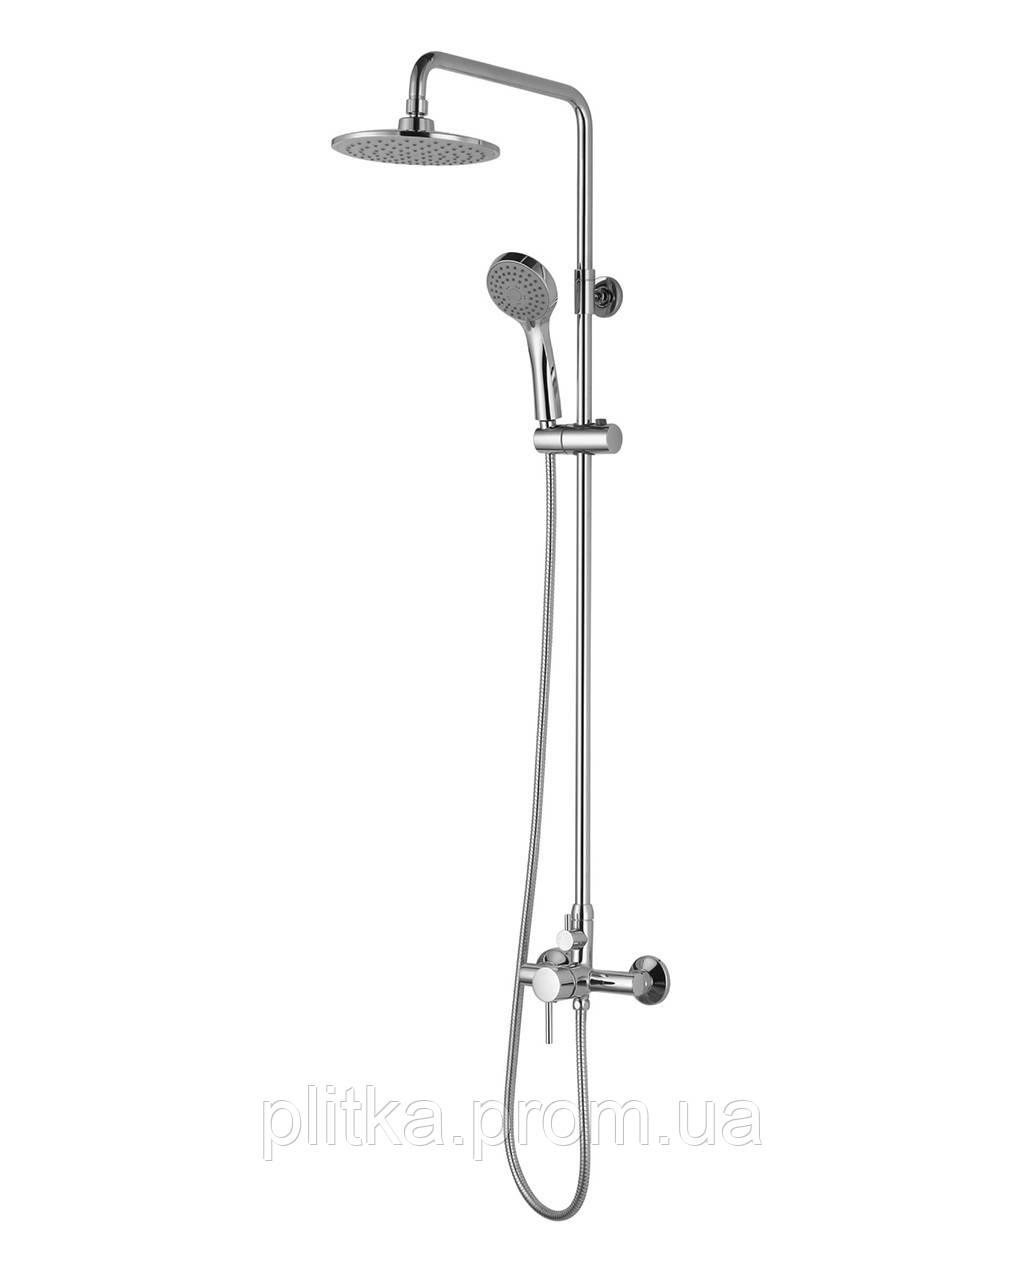 BILA SMEDA система душевая Imprese- смеситель для душа, верхний и ручной душ 3 режима, шланг 1,5м